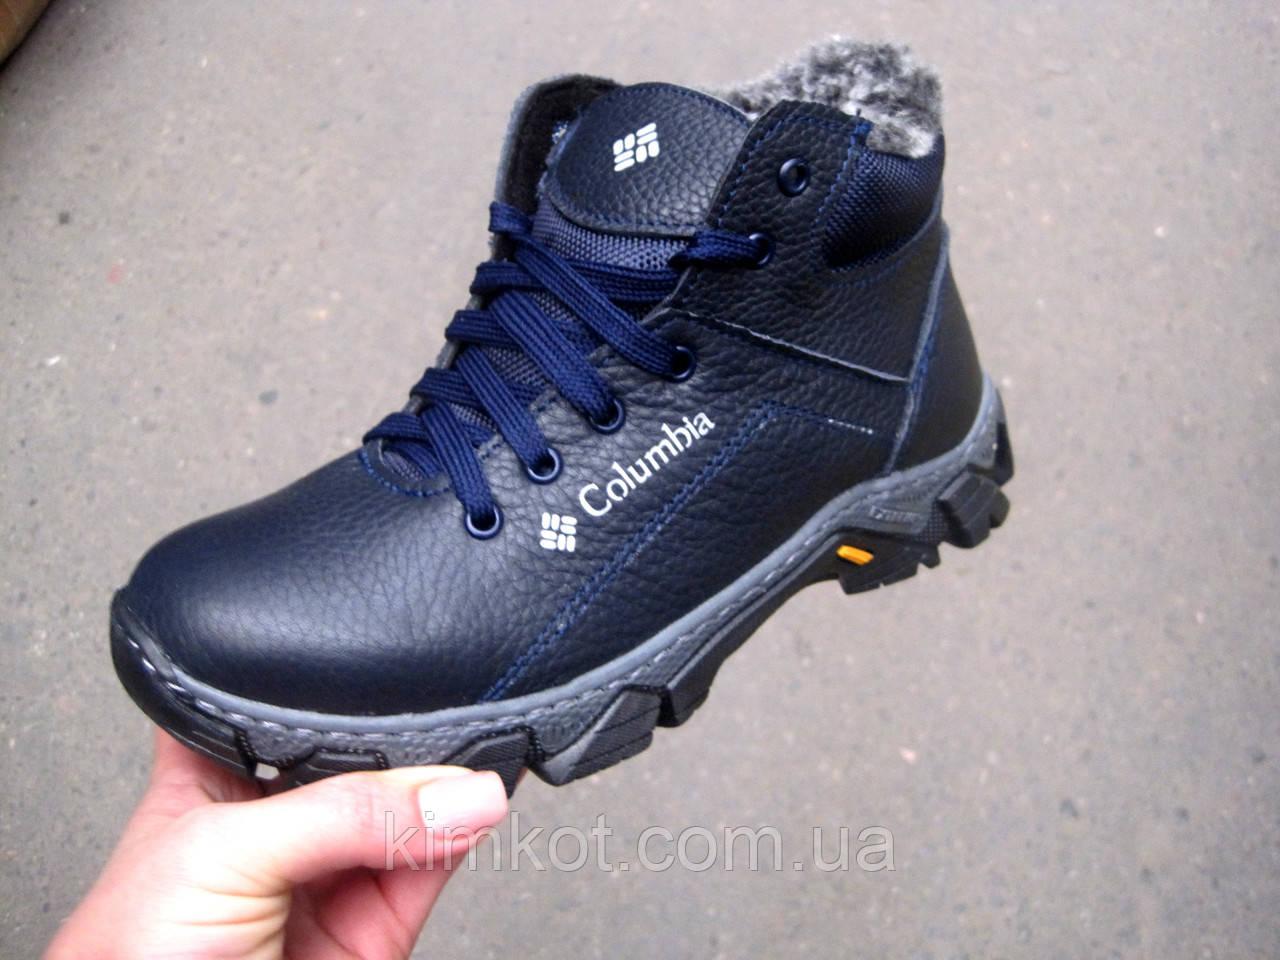 309903ac Детские, подростковые кожаные зимние ботинки 35-39 р-р - Интернет-Магазин